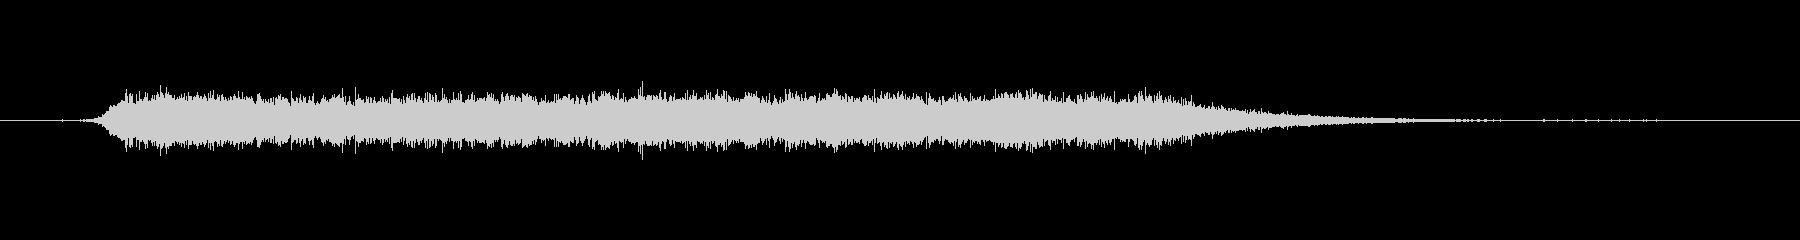 工具_ドリルの動作音6の未再生の波形